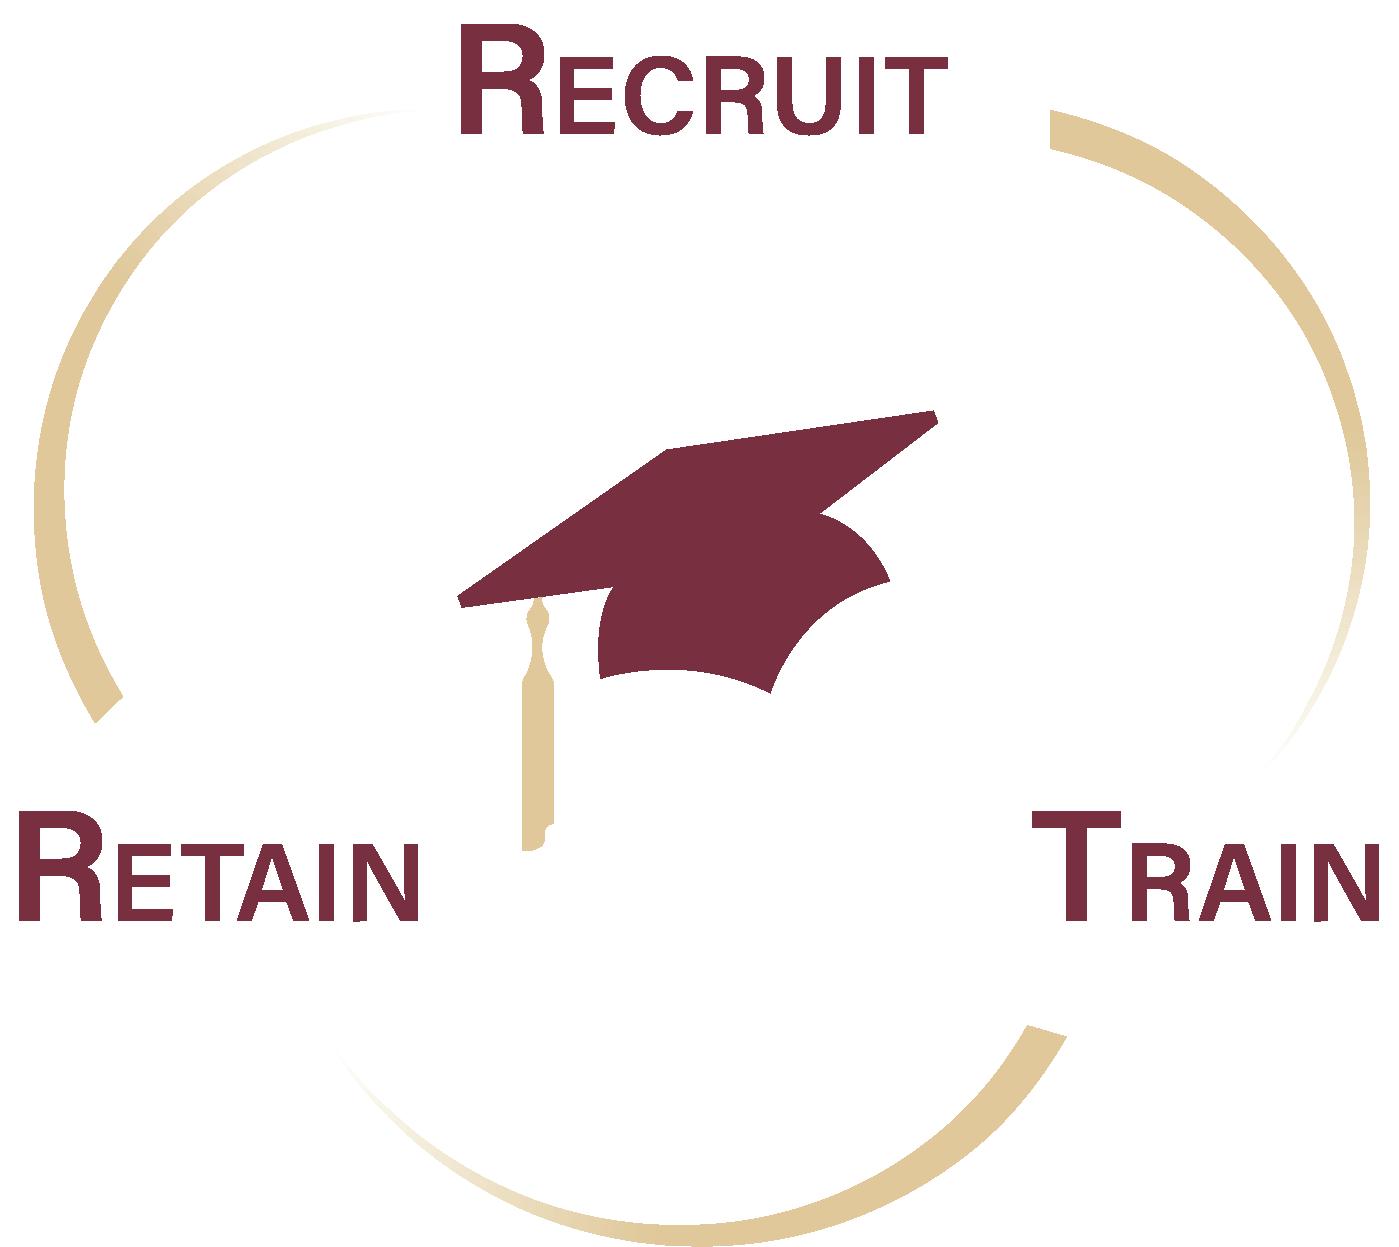 Recruit Train Retain graphic